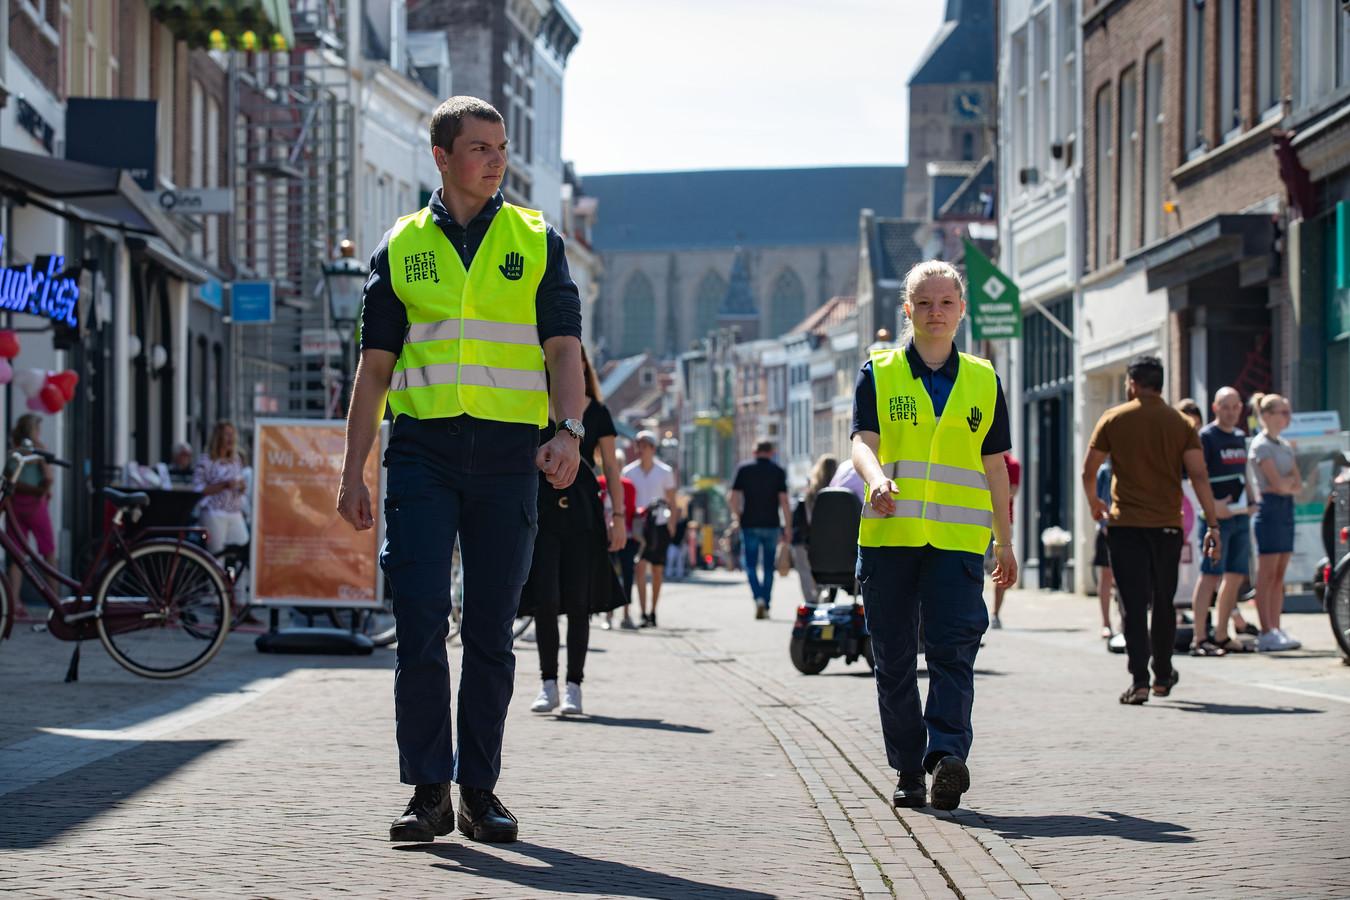 In de binnenstad van Kampen lopen mensen rond die anderen wijzen op de 1,5-meterregel.